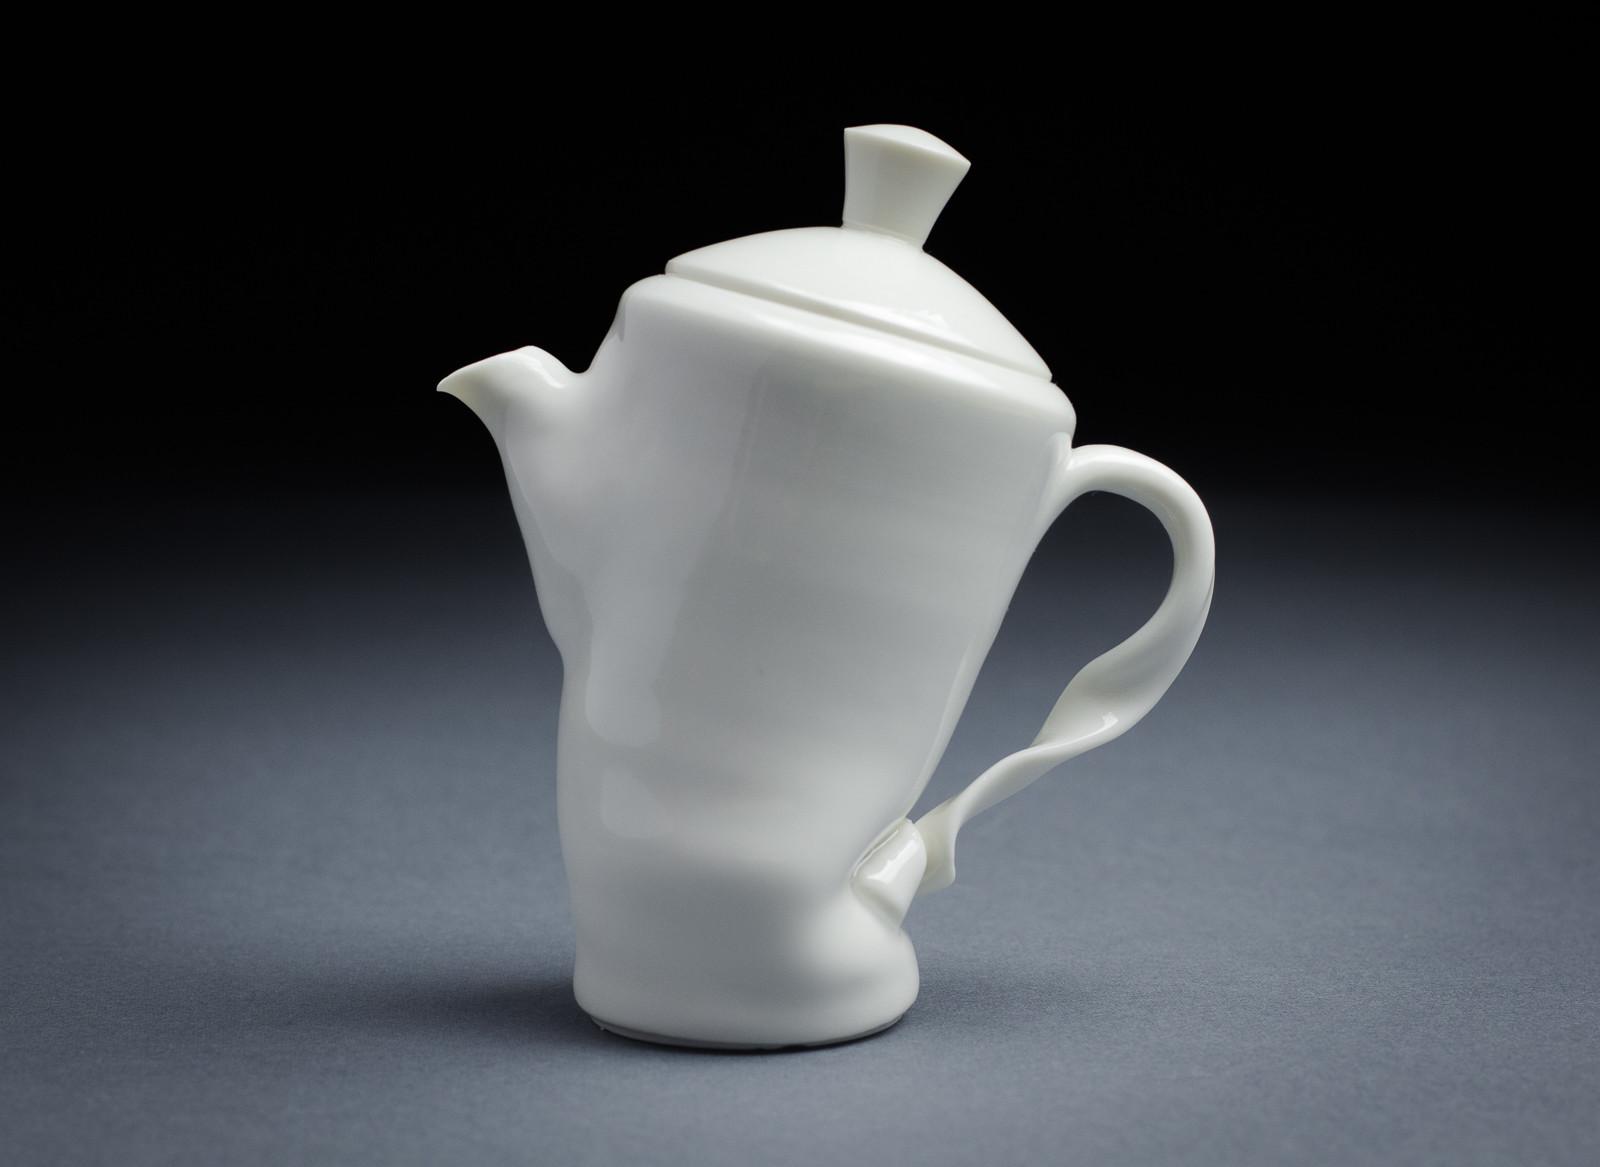 Porcelain teapot 002